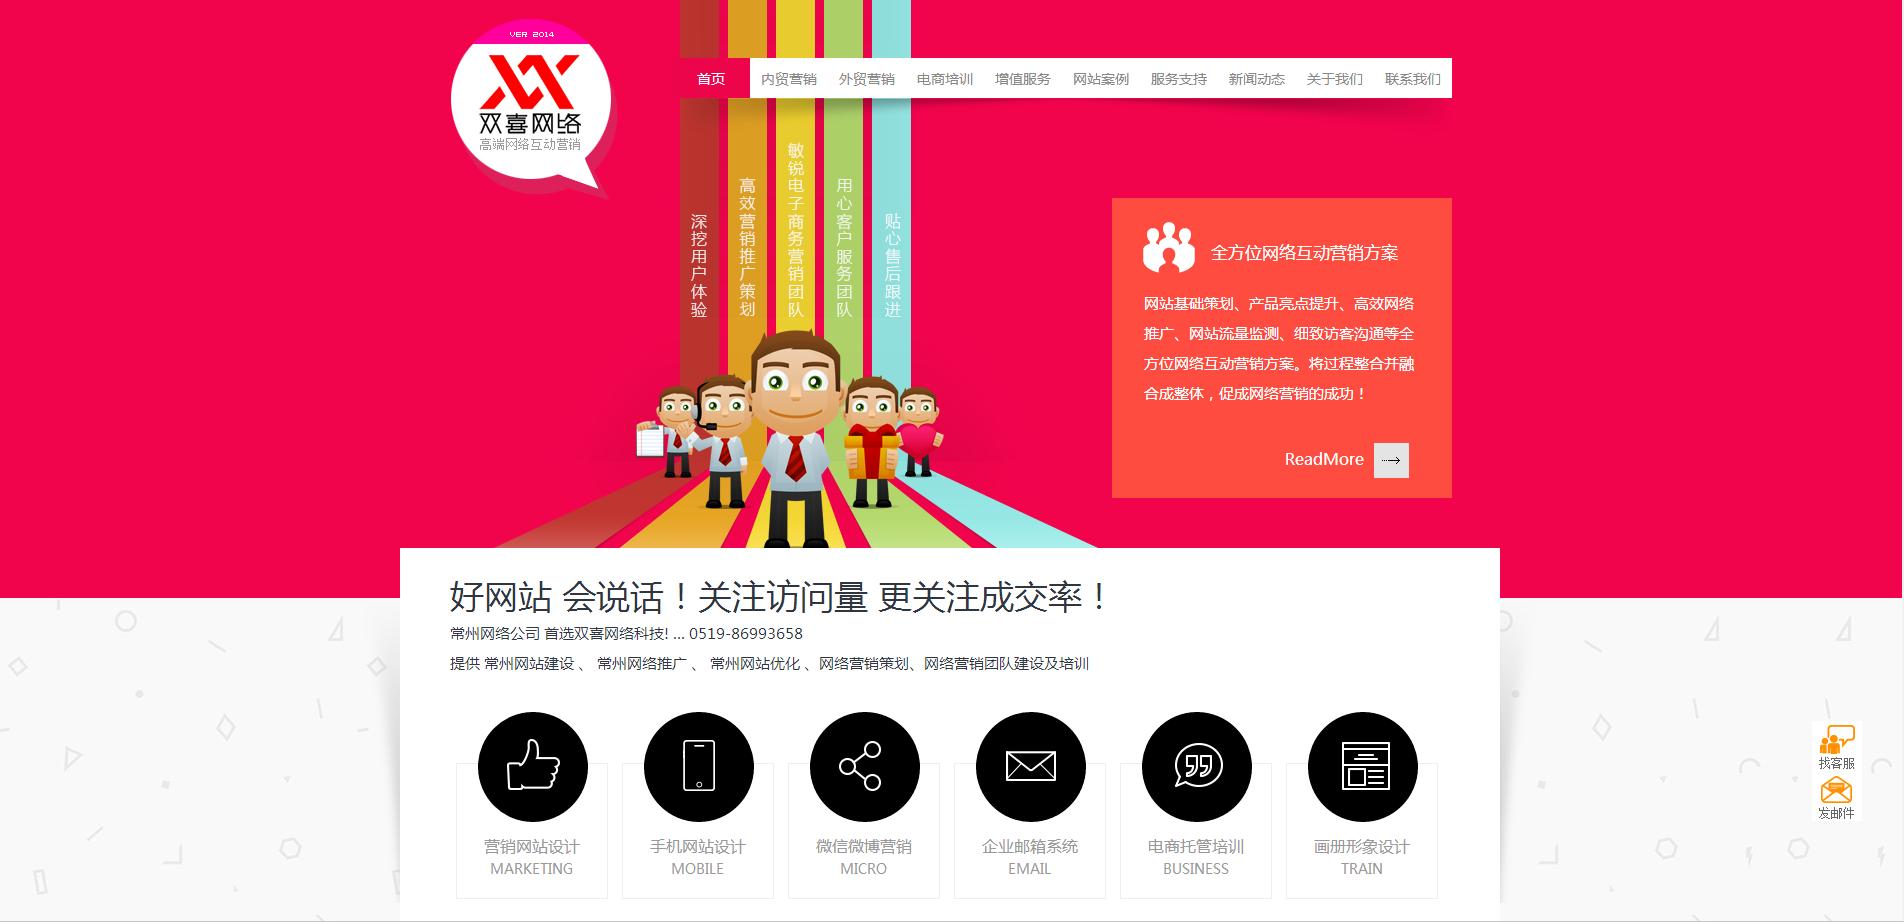 html5炫酷大气网络科技企业官网模板源码整站下载